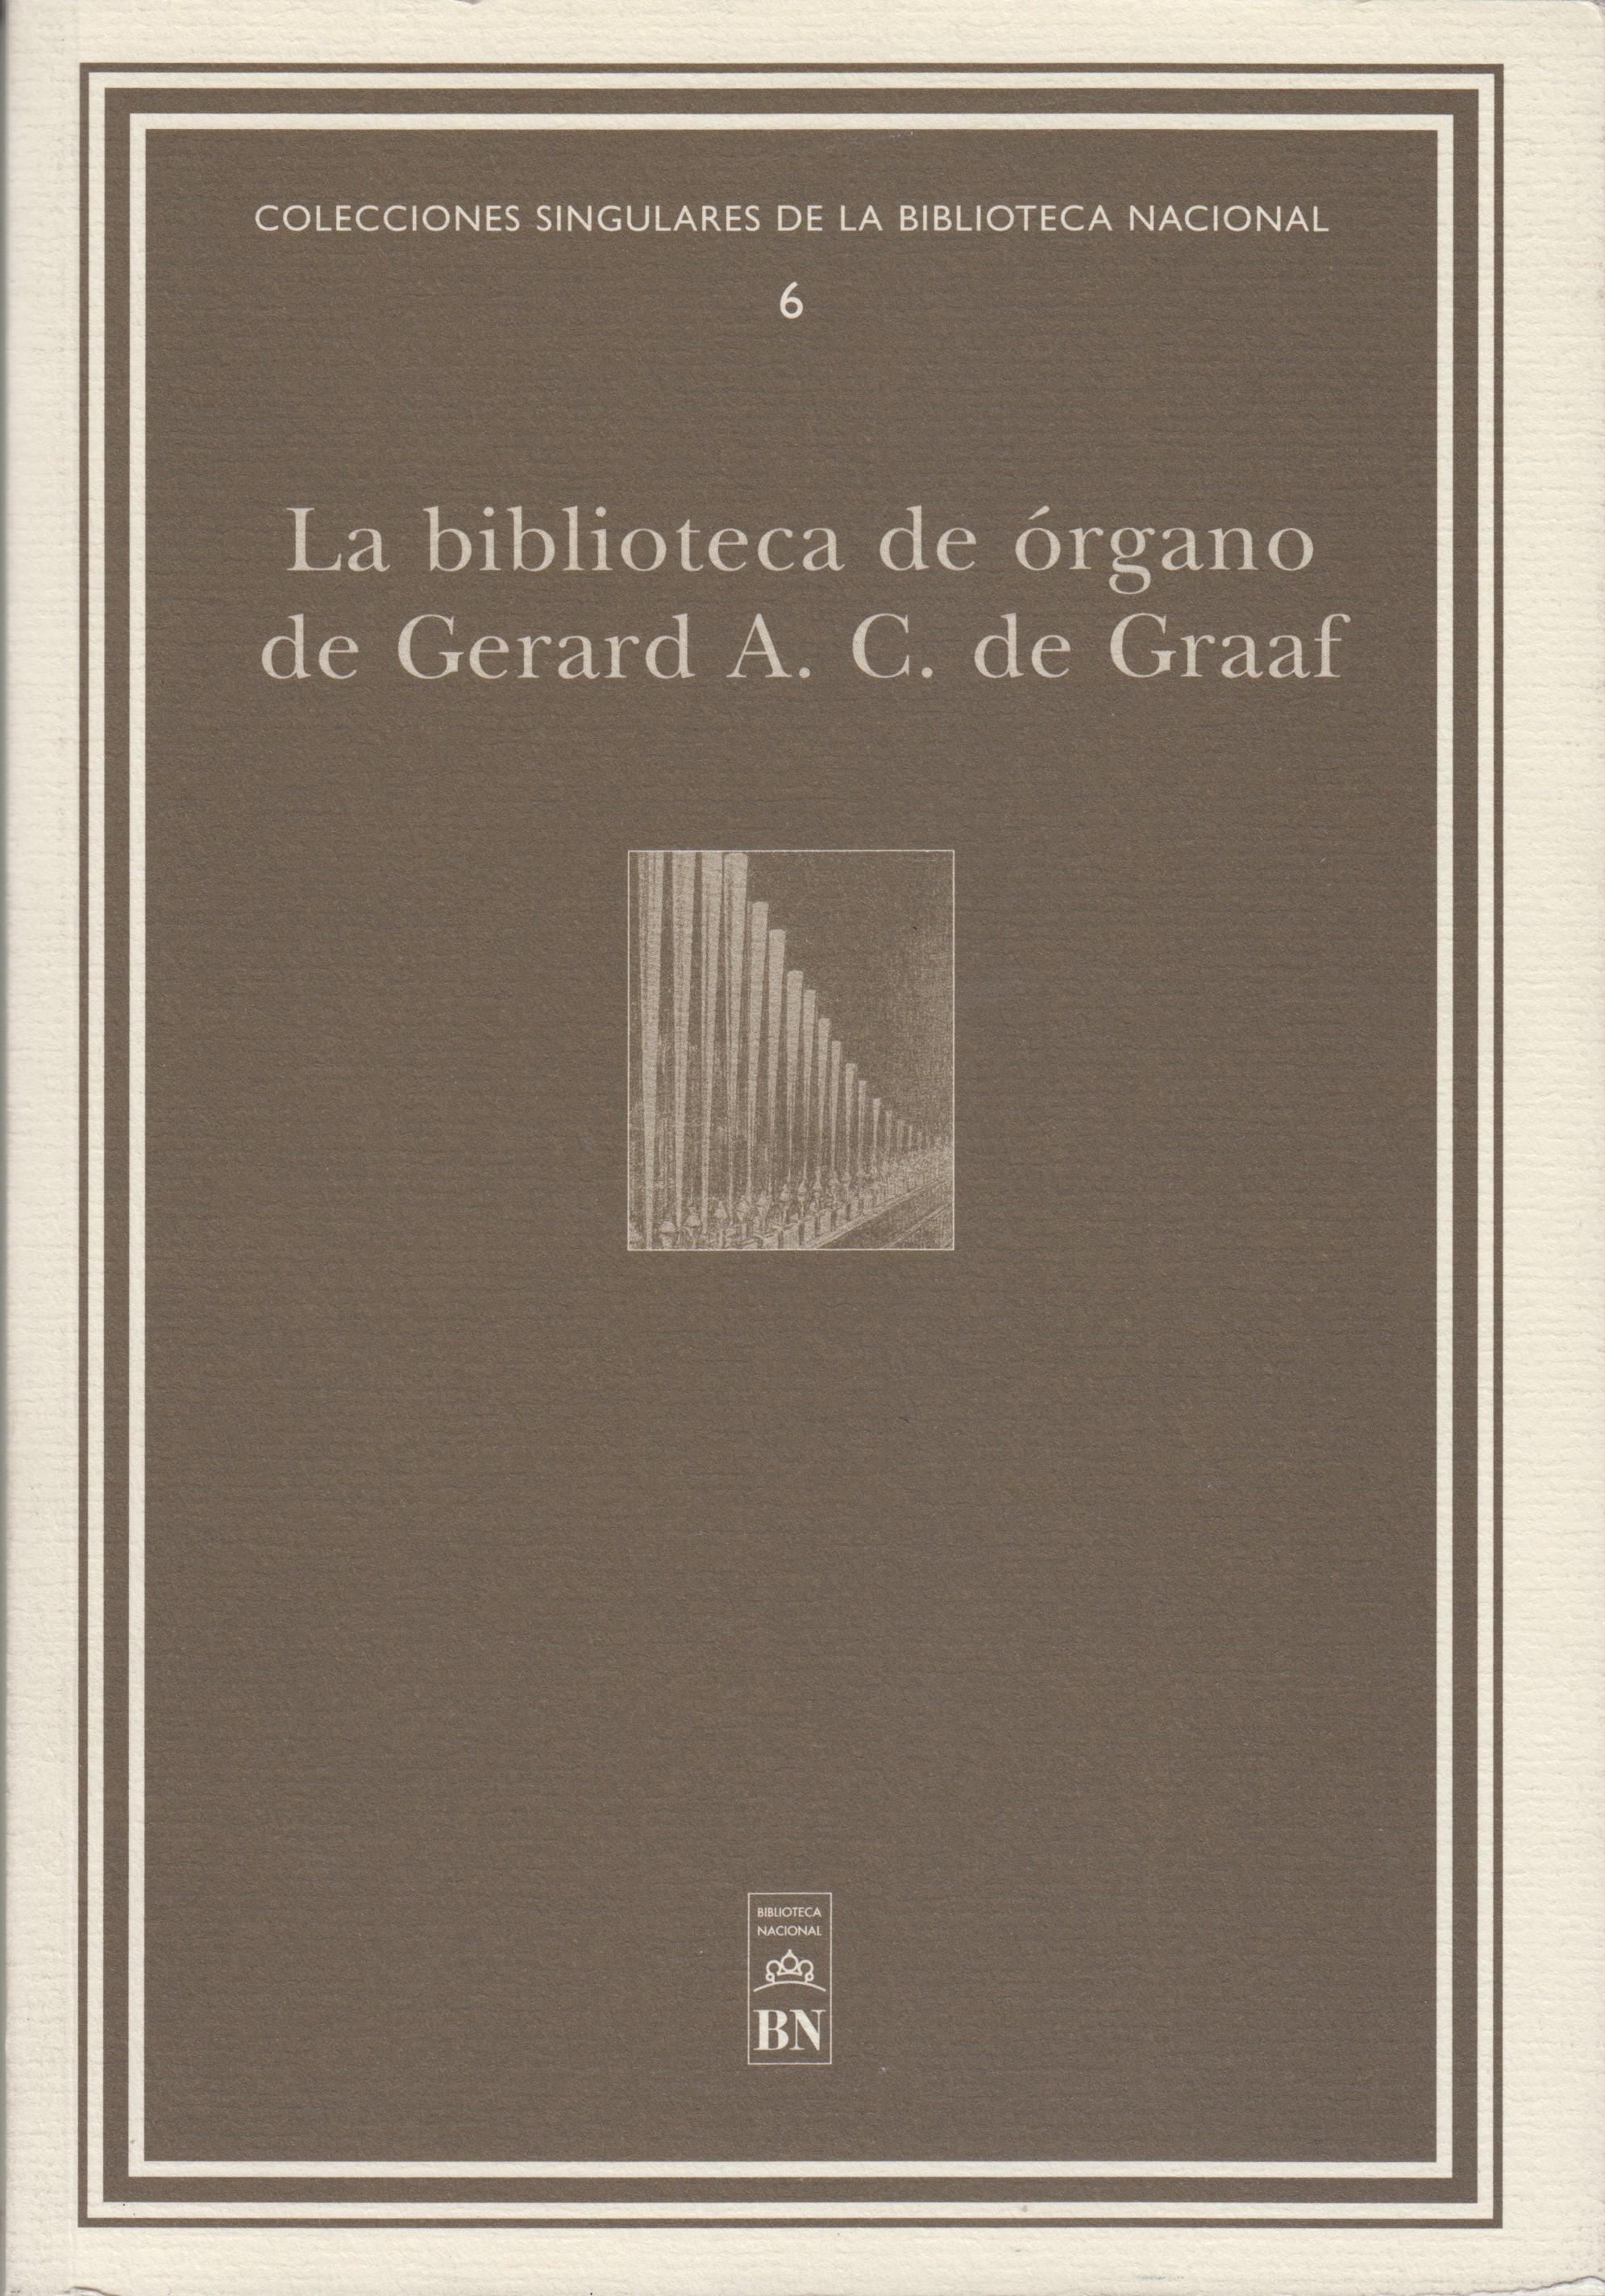 La Biblioteca de órgano de Gerard A. C. de Graaf